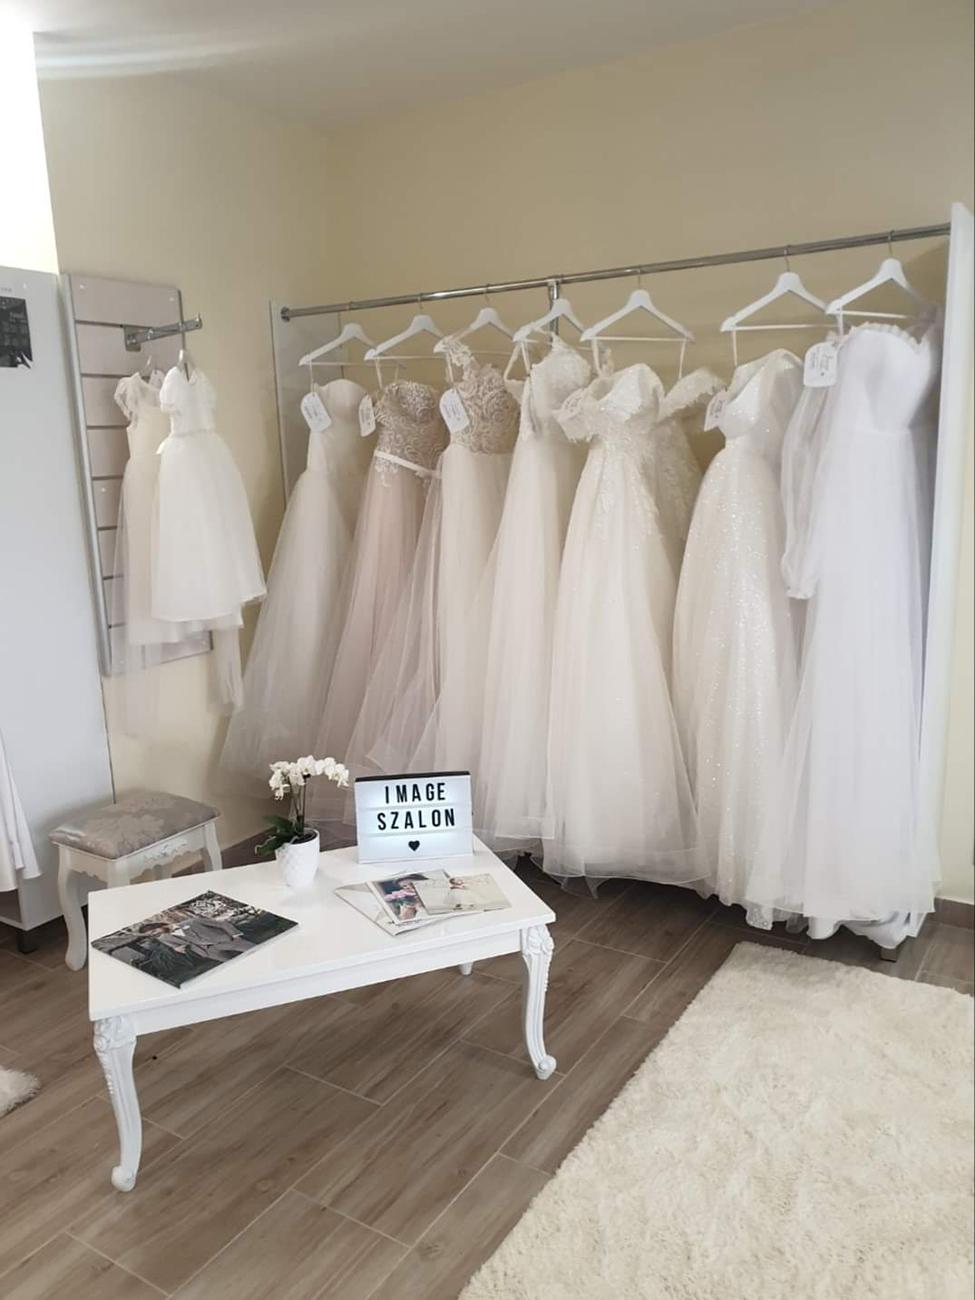 menyasszonyi ruha és vőlegény öltöny, Menyasszonyi ruha és vőlegény öltöny egy helyen – Az Image Esküvői Ruhaszalonban közösen készülődhetnek a házasulandó párok